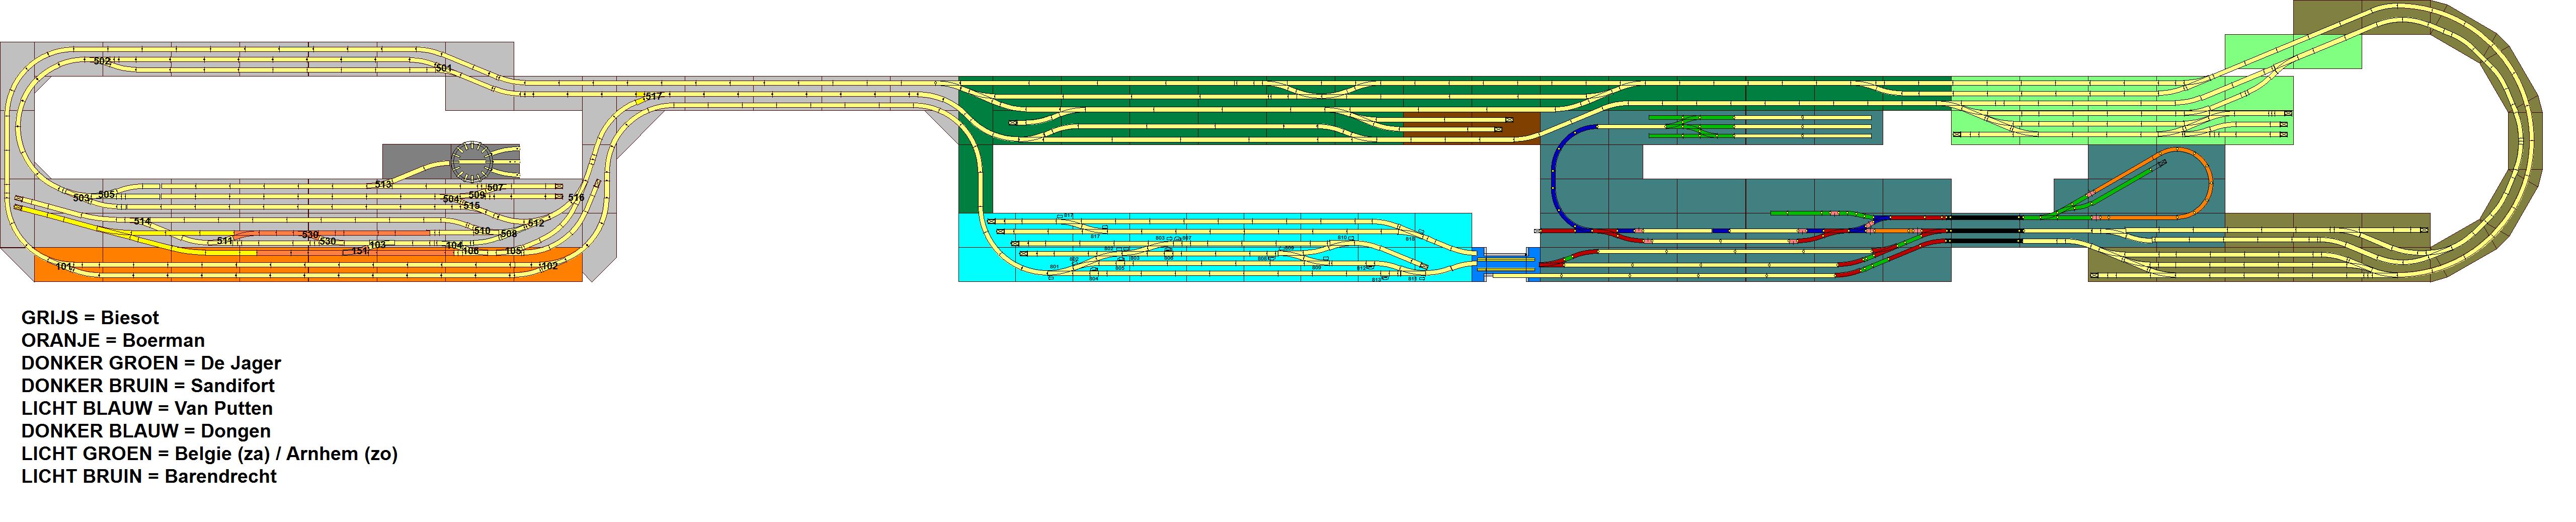 S2C15-V104